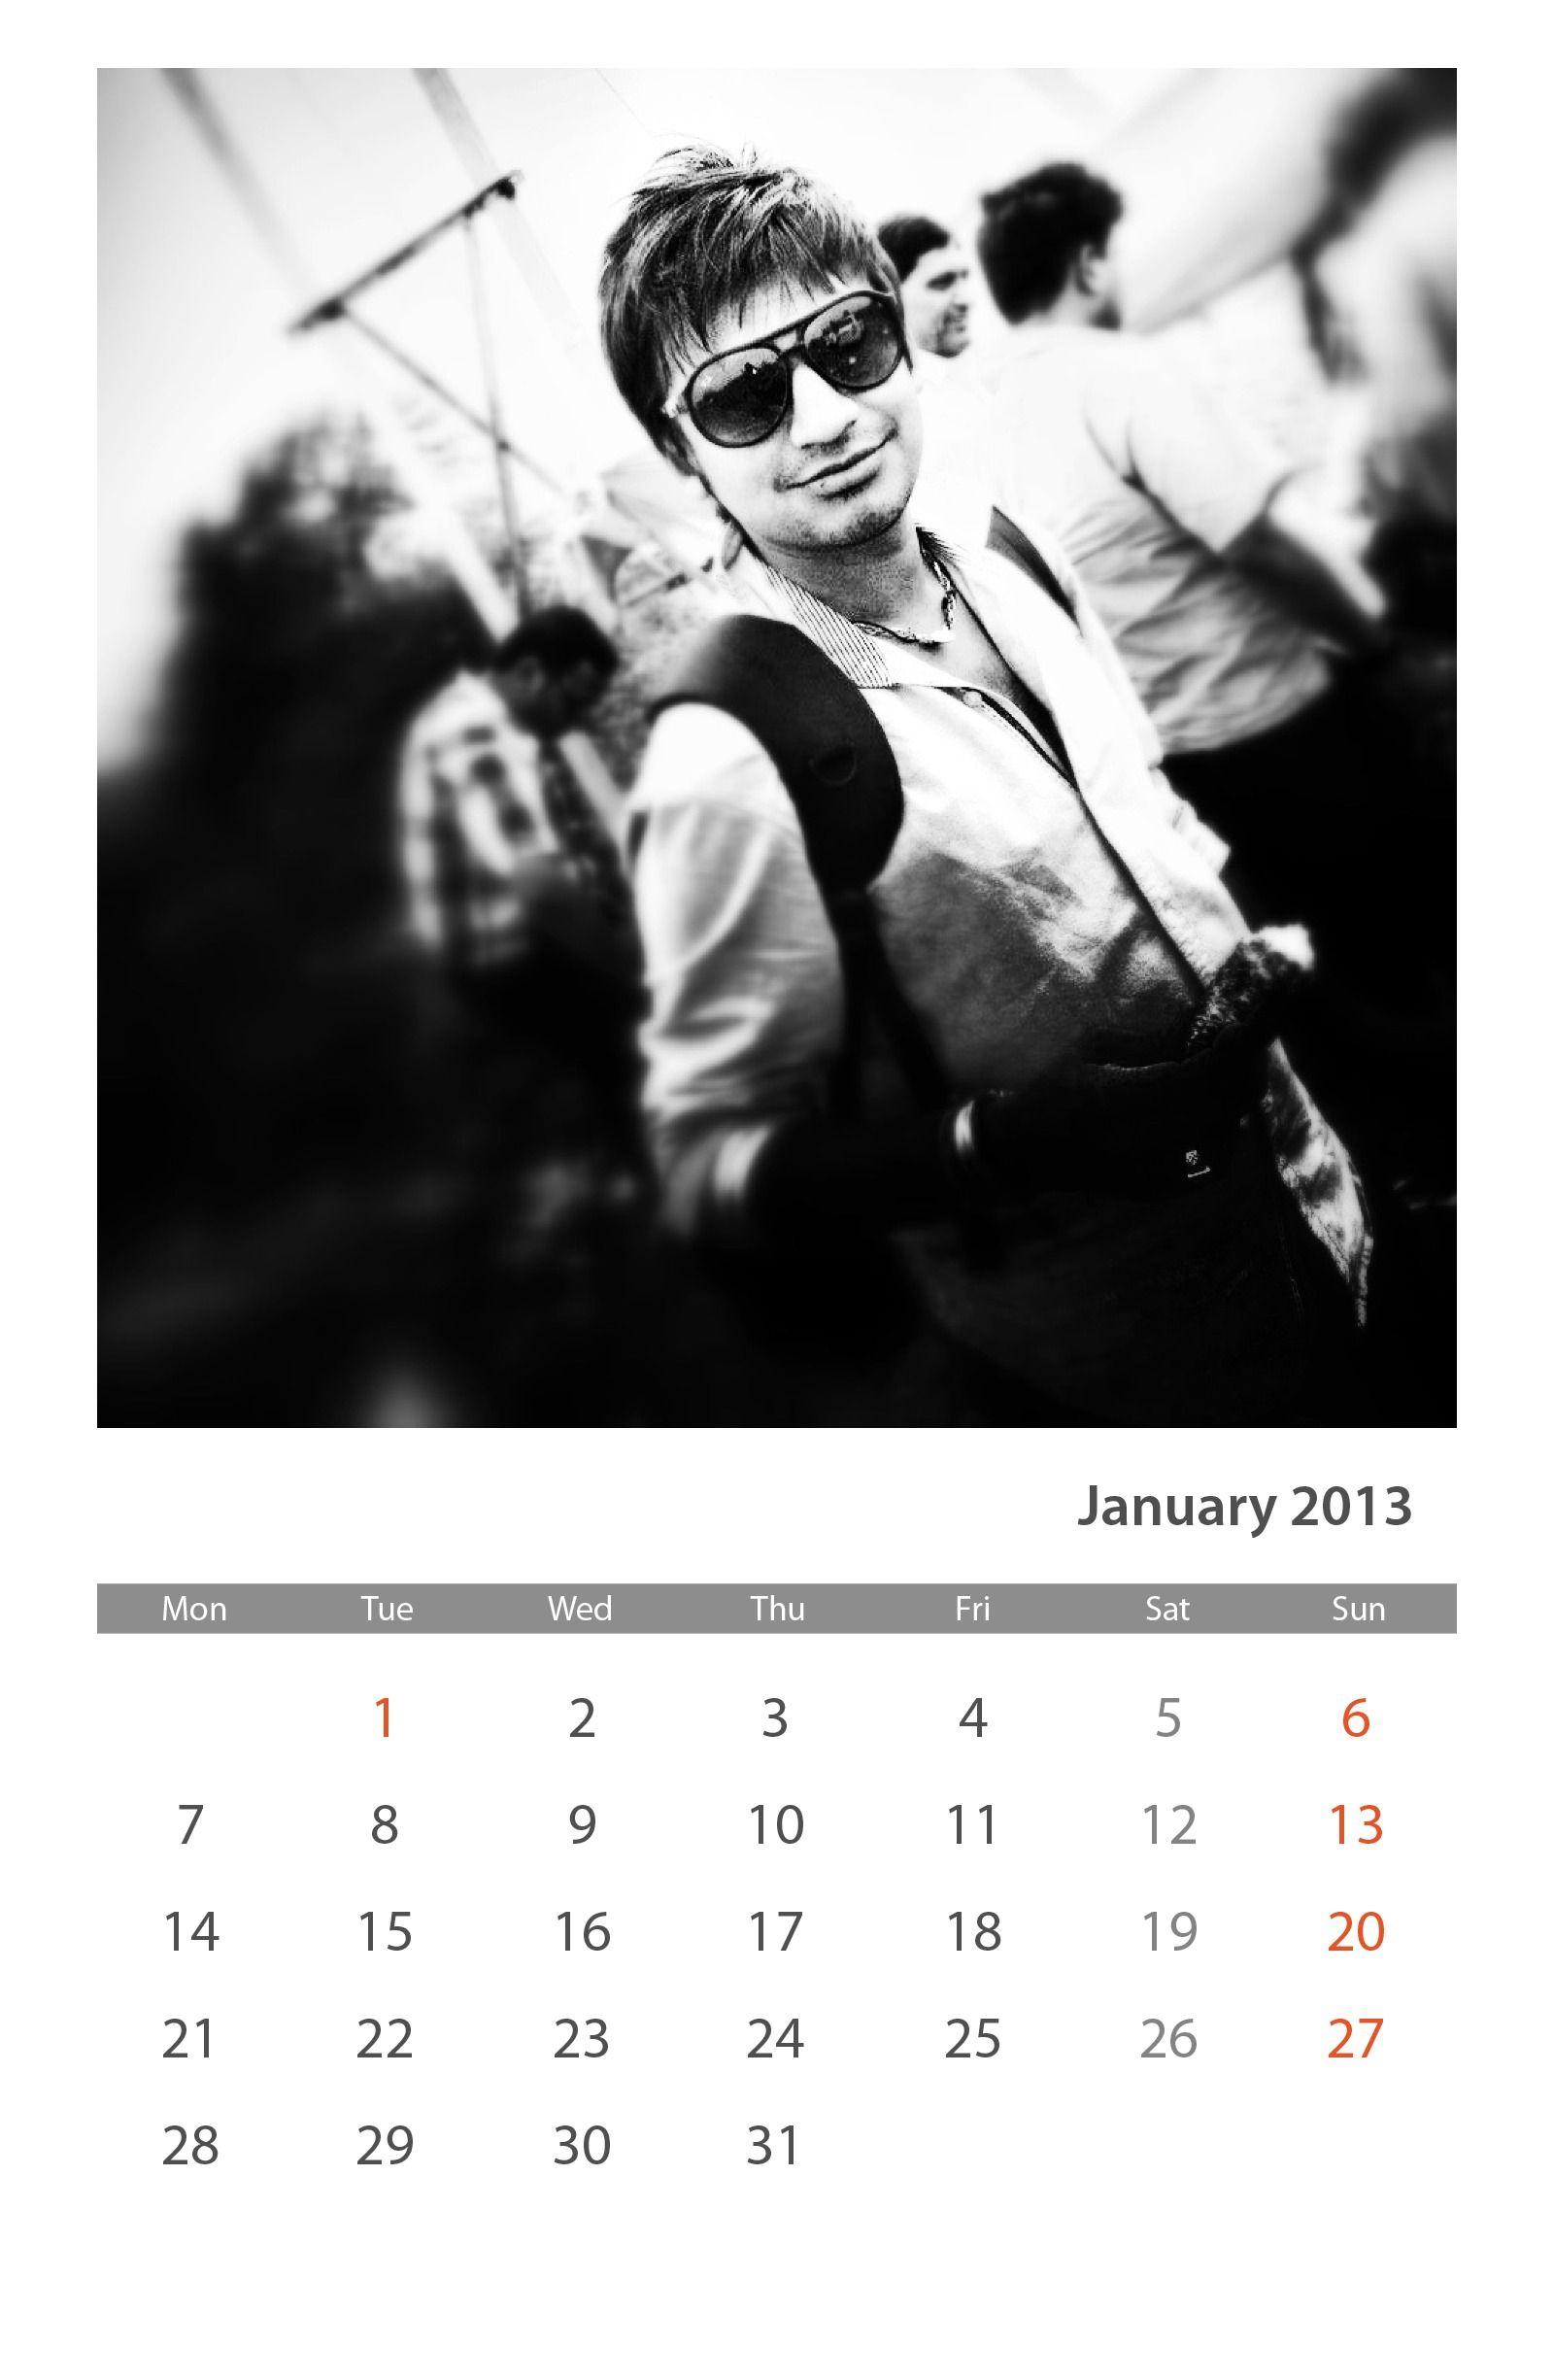 Jan. 2013 Calender By- Apurv Lodha